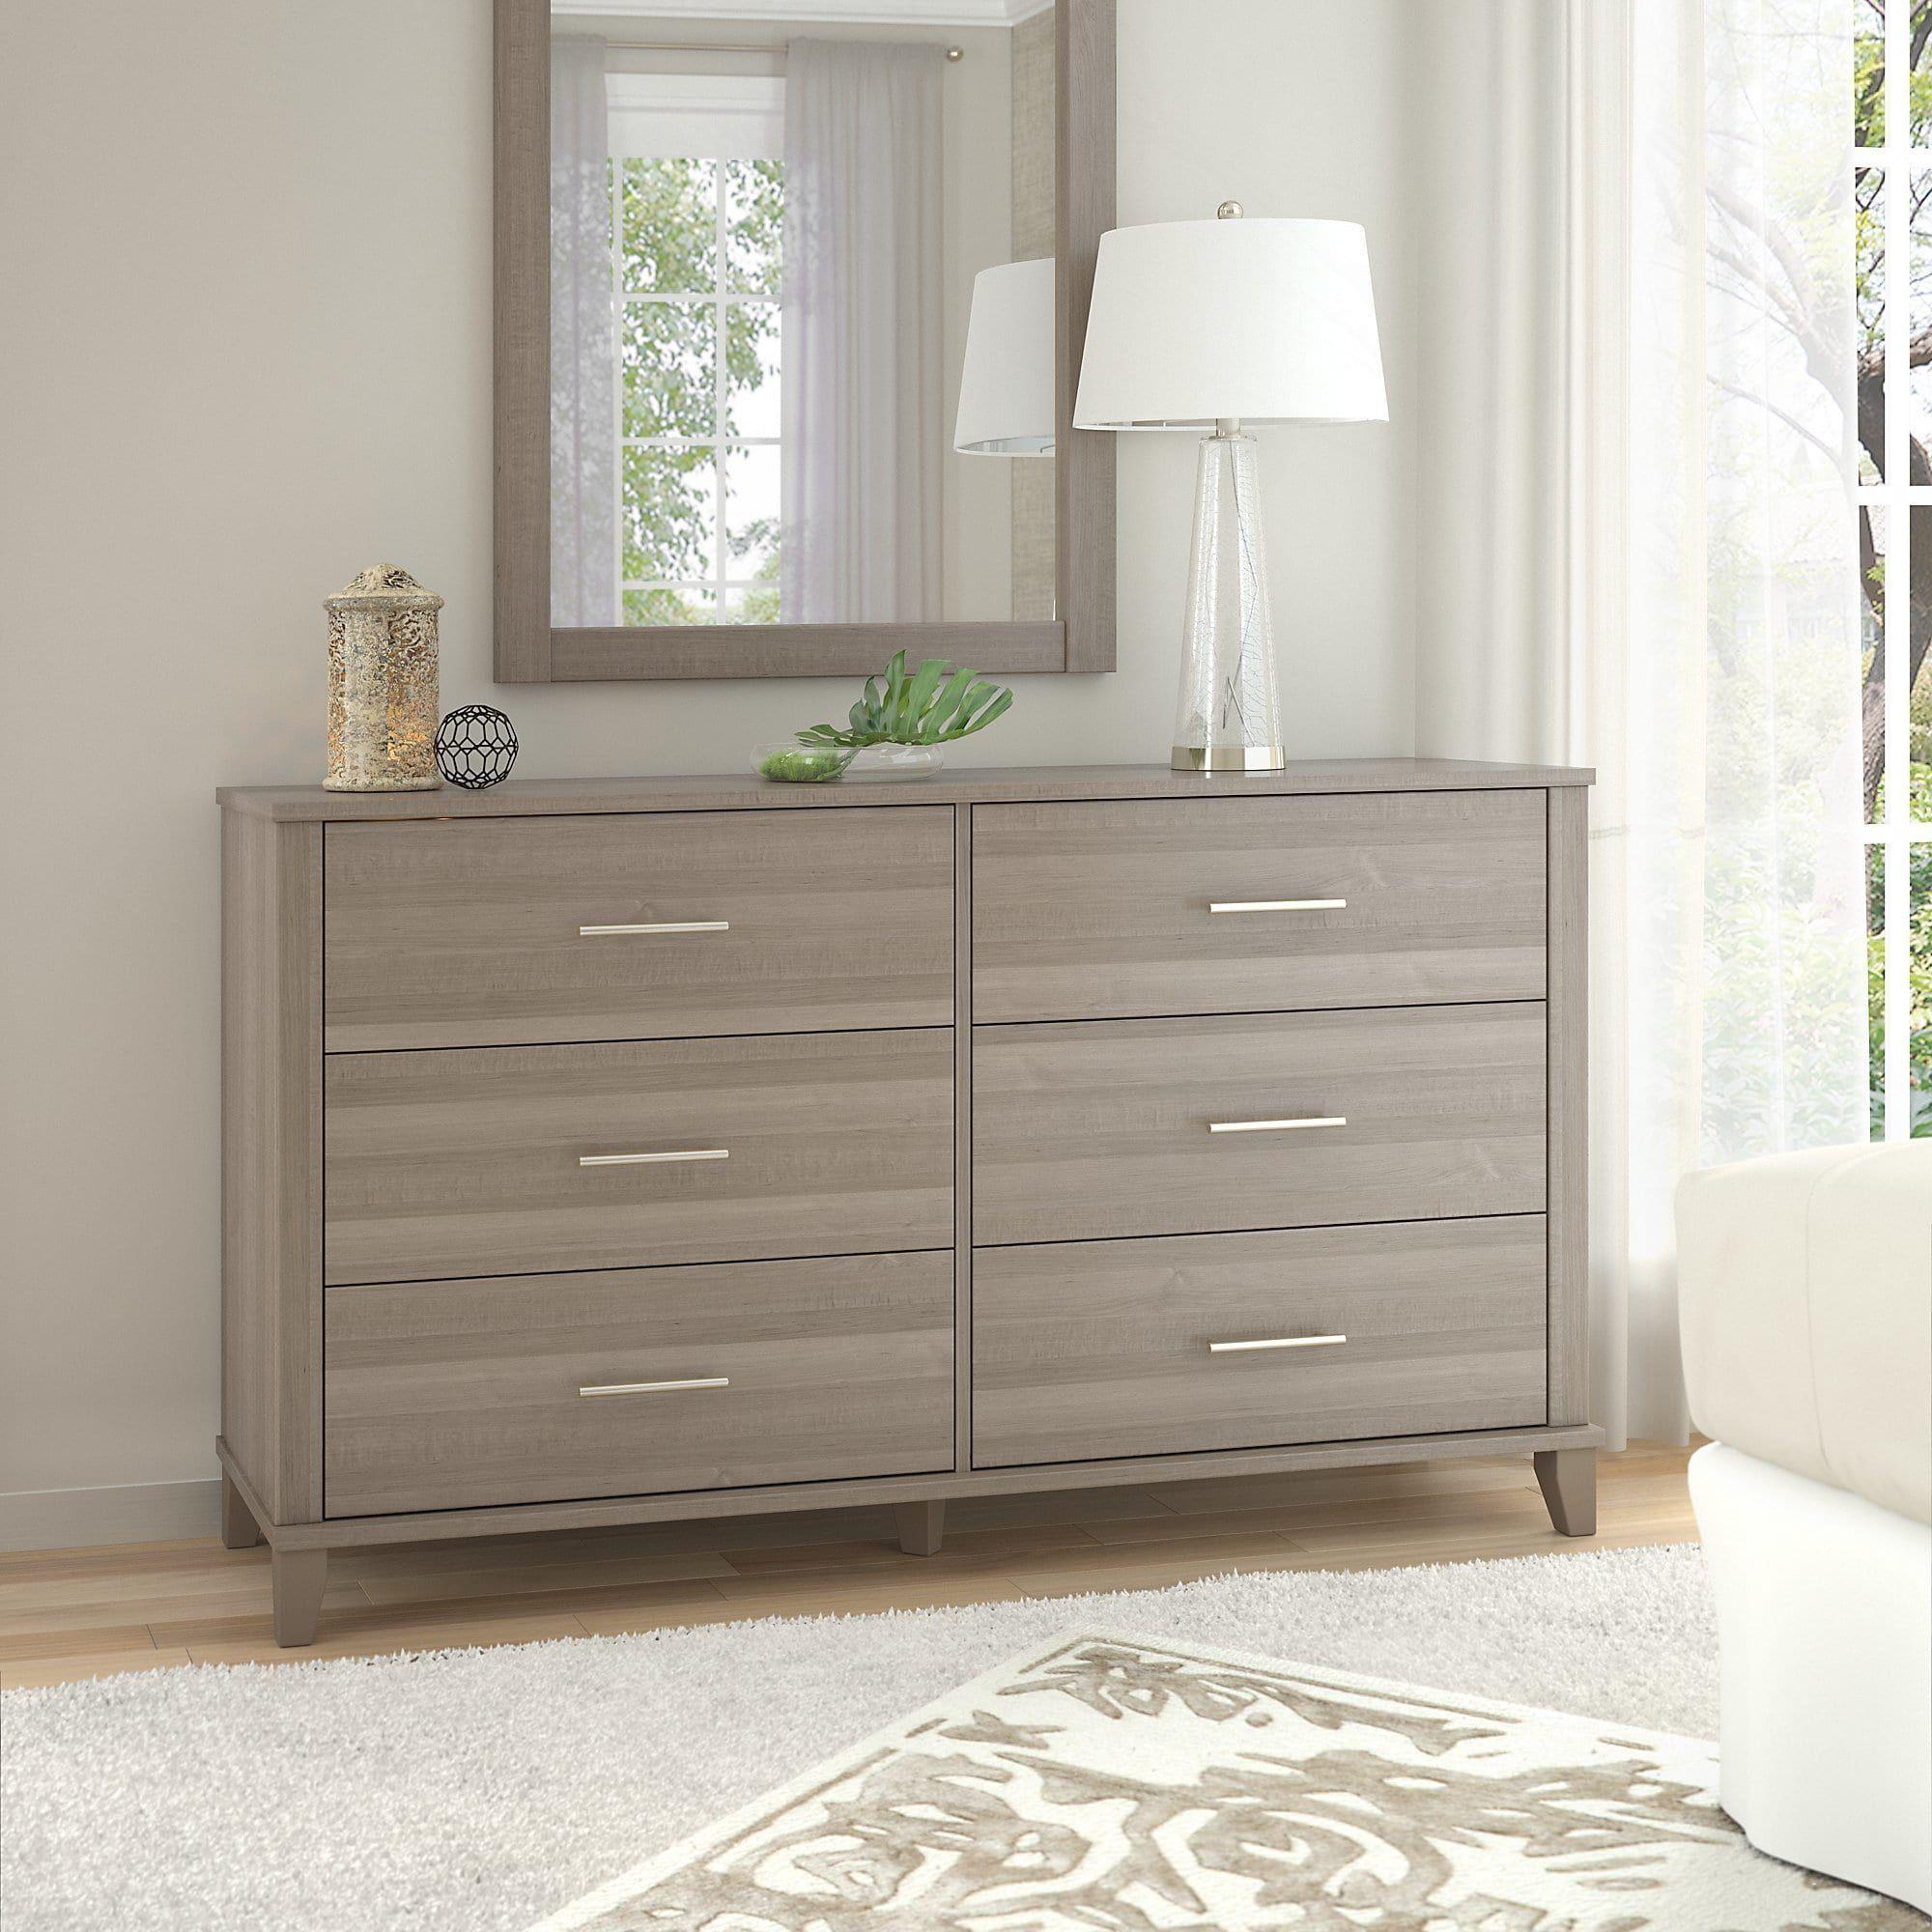 Oliver James Elizabeth Grey Dresser 6 Drawer